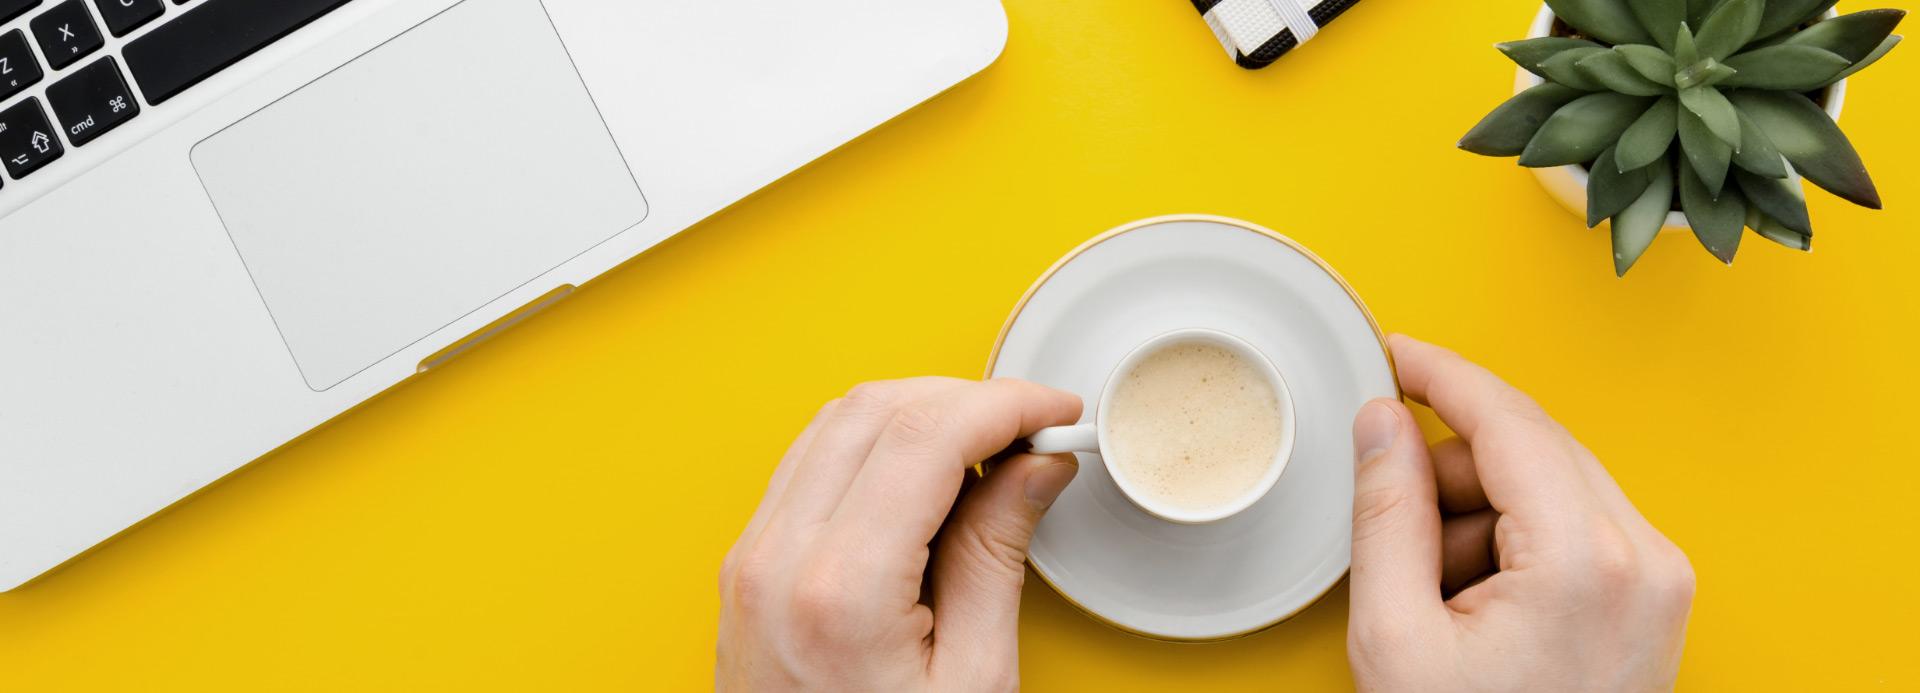 Bild Laptop und Kaffetasse auf gelben Untergrund